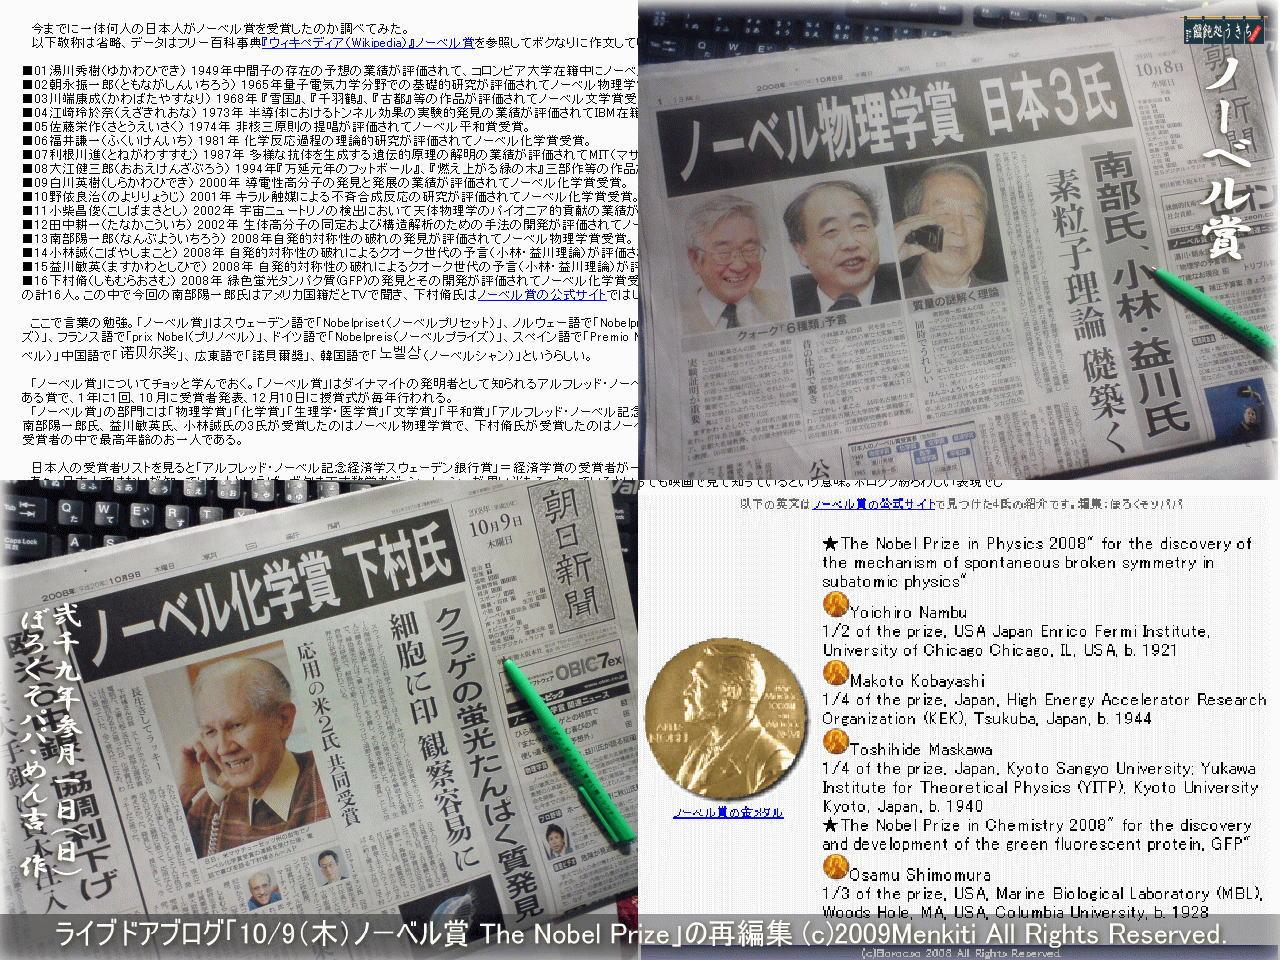 3/1(日)ライブドアブログ「10/9(木)ノーベル賞 The Nobel Prize」の再編集 @キャツピ&めん吉の【ぼろくそパパの独り言】    ▼クリックで1280x960pxlsに拡大します。